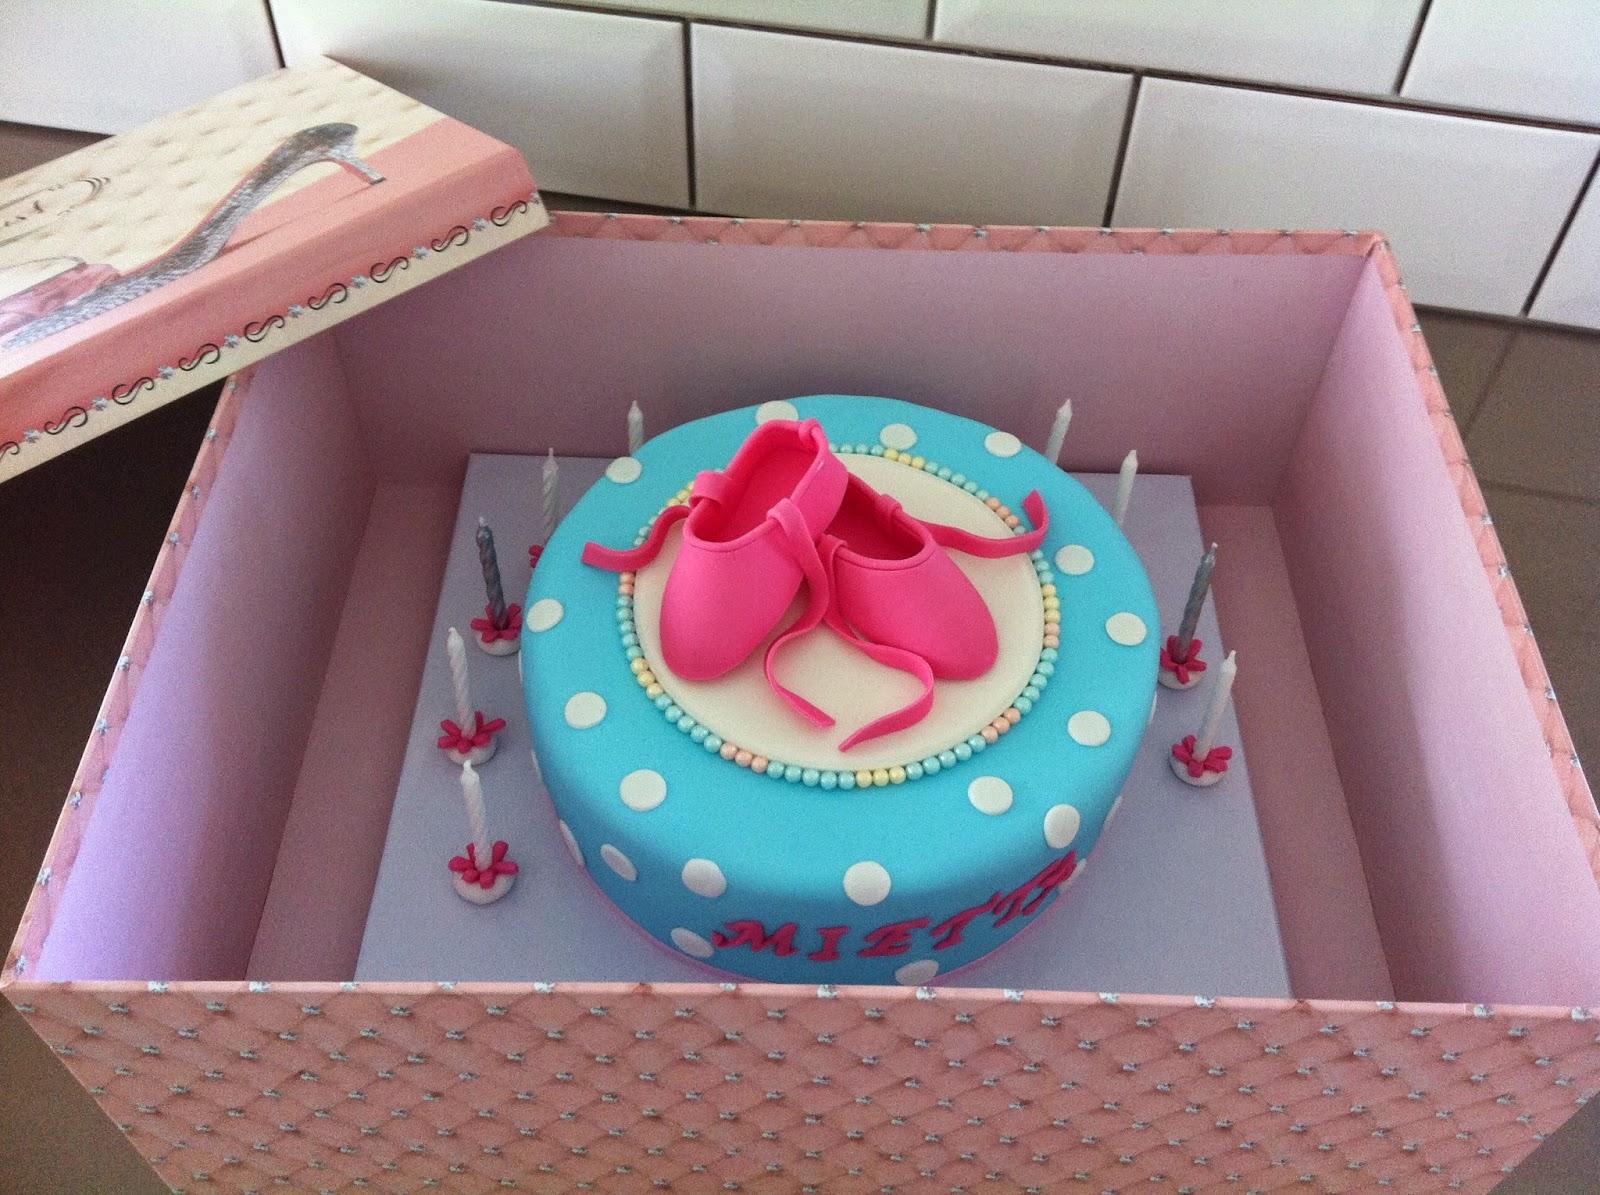 Elegant Cakes And Party Dates Testimonials - Birthday cakes croydon